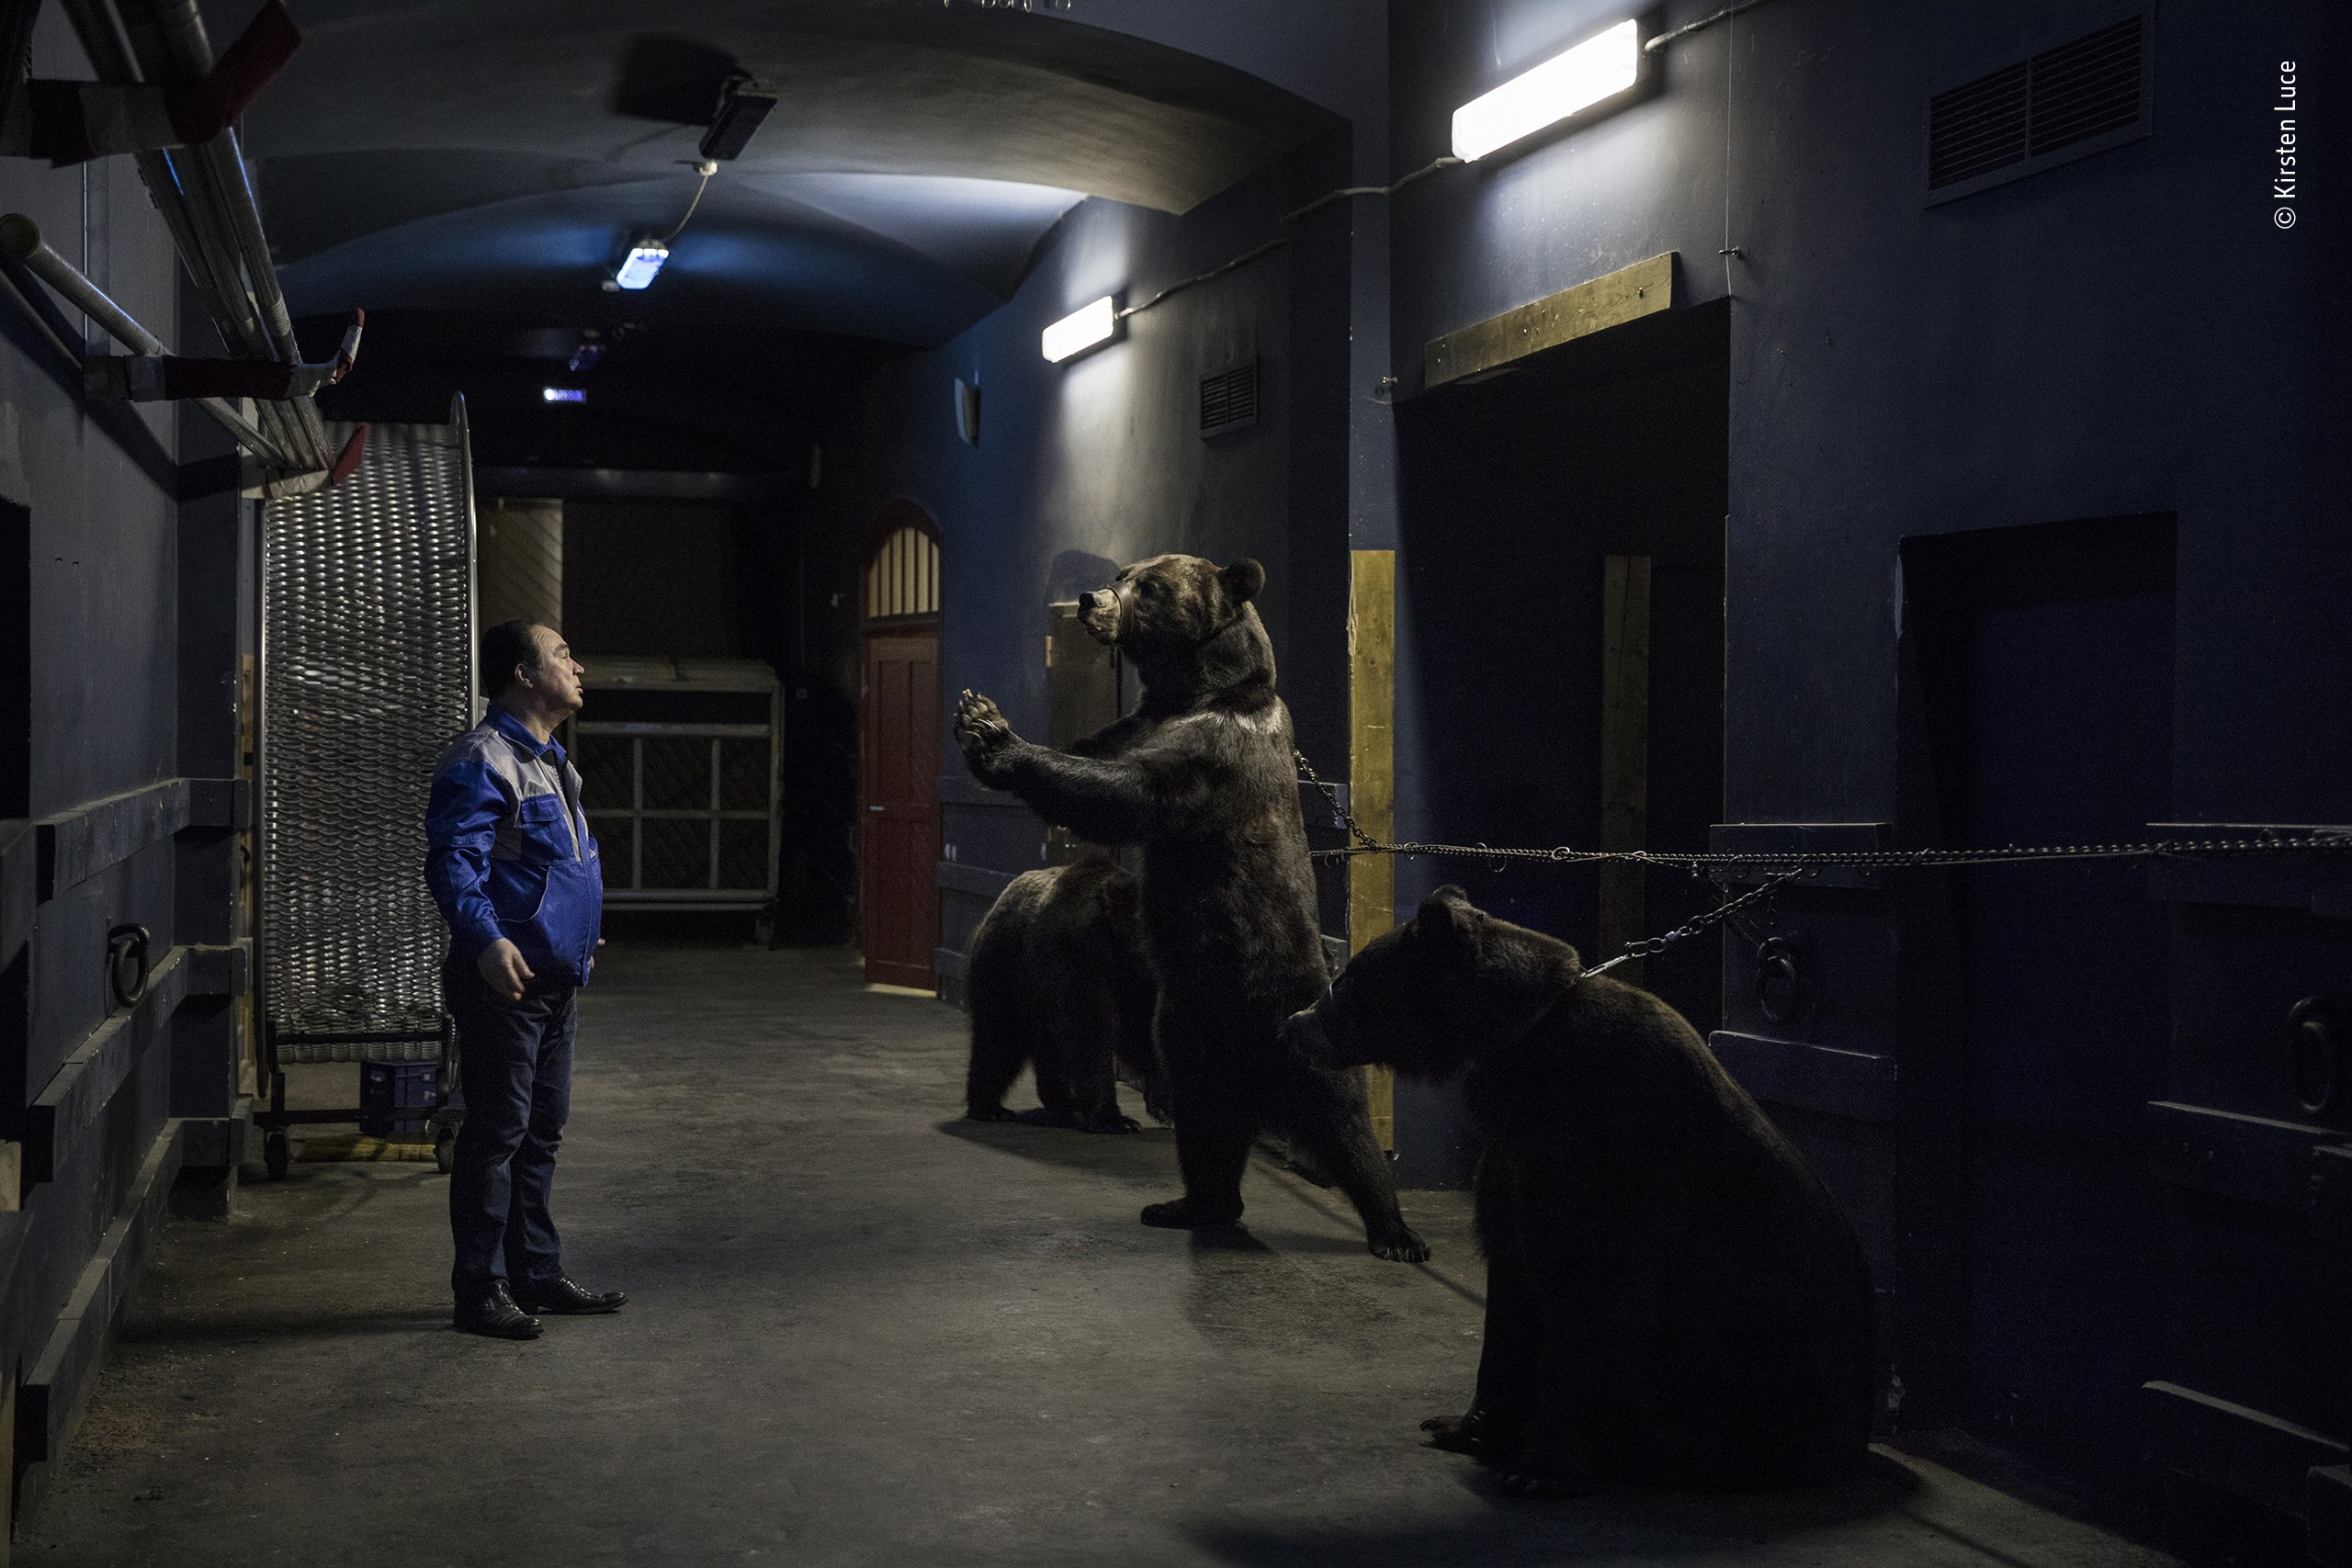 Дрессировщик Грант Ибрагимов с бурыми медведями за кулисами Санкт-Петербургского цирка. Фотограф Кирстен Люс